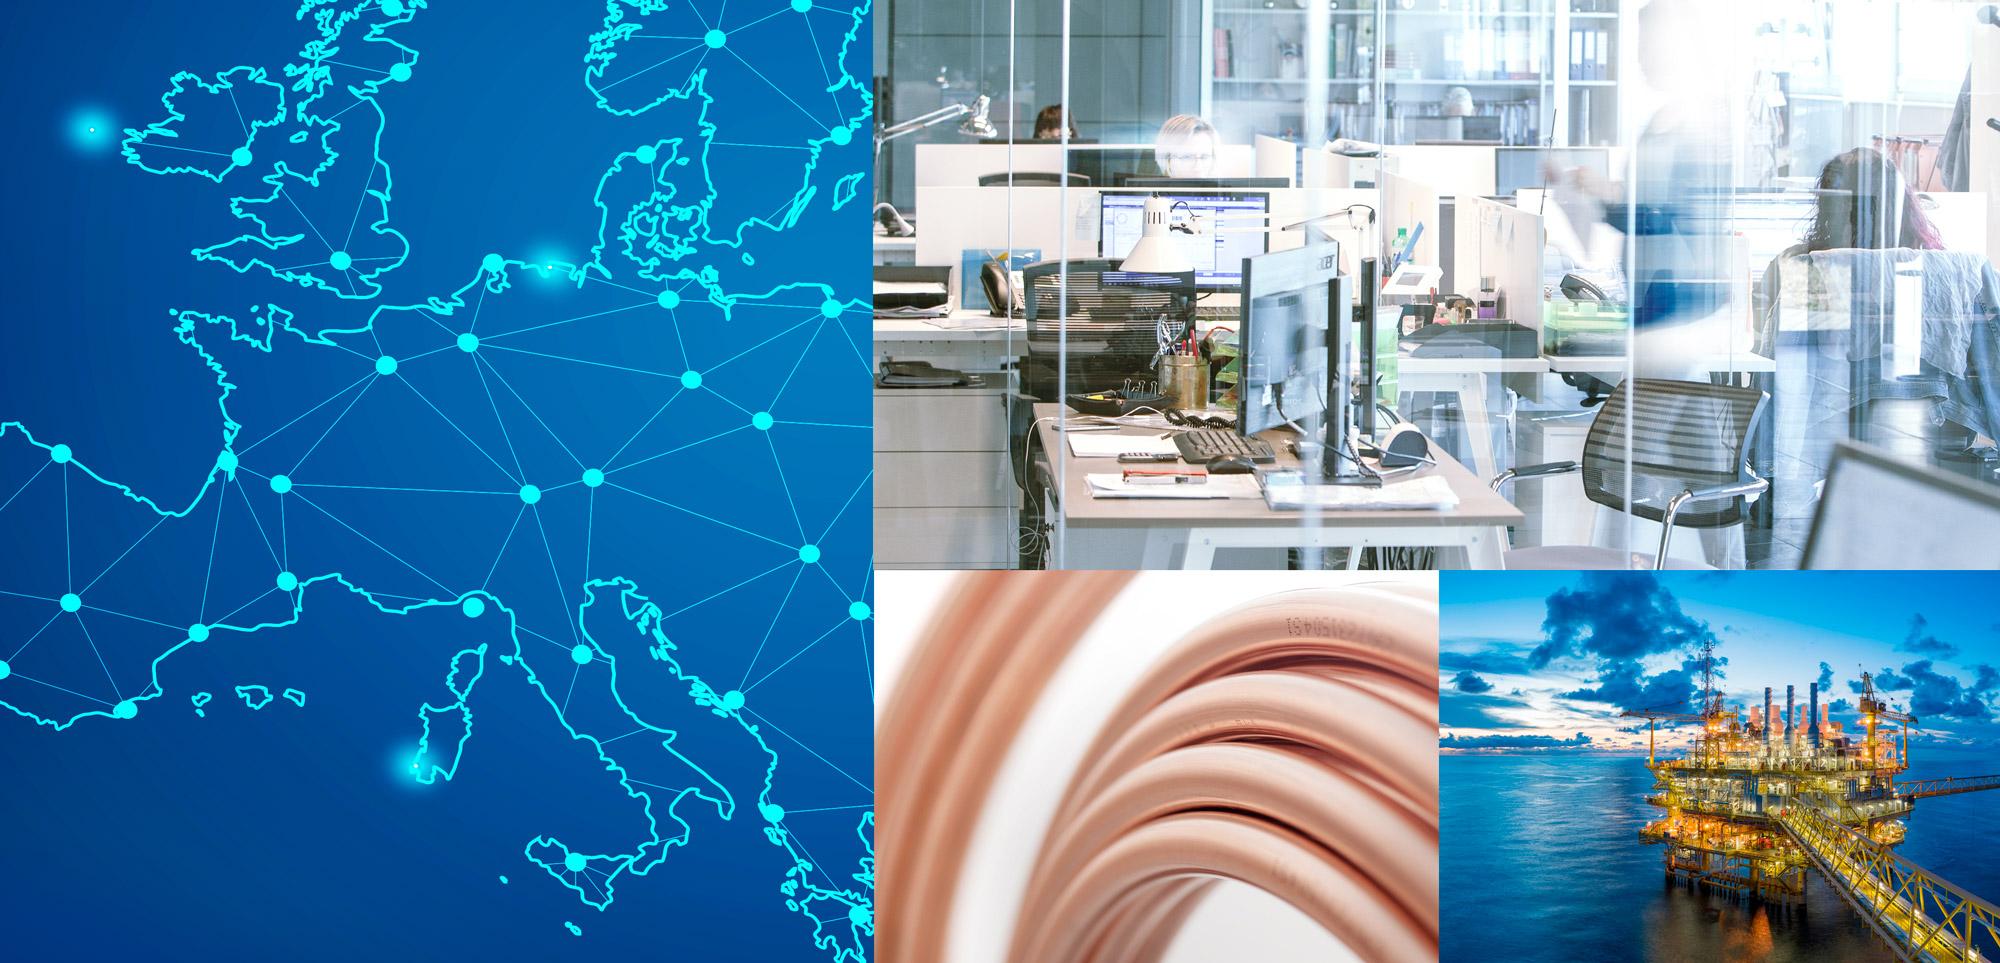 grandi impianti speciali per fornitori industriali